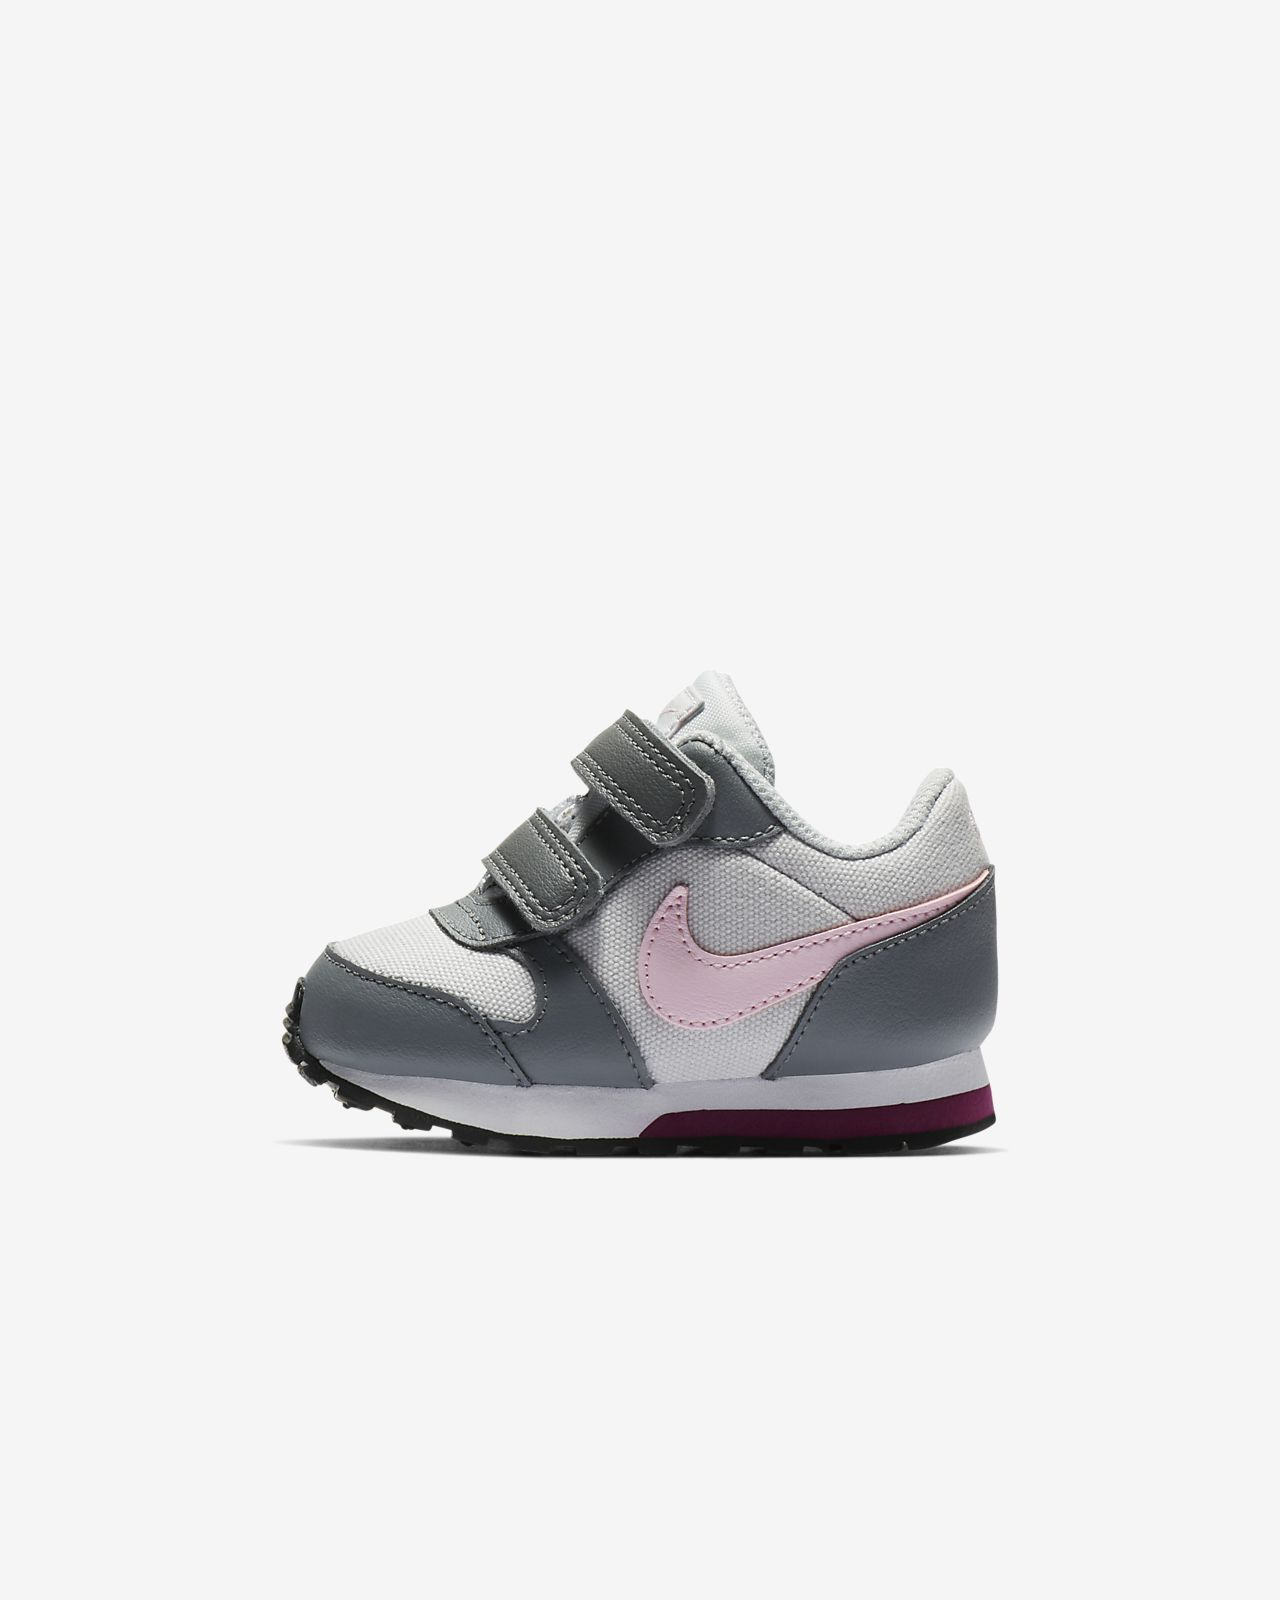 1abd2459f5384 Nike MD Runner 2 Zapatillas - Bebé e infantil. Nike.com ES